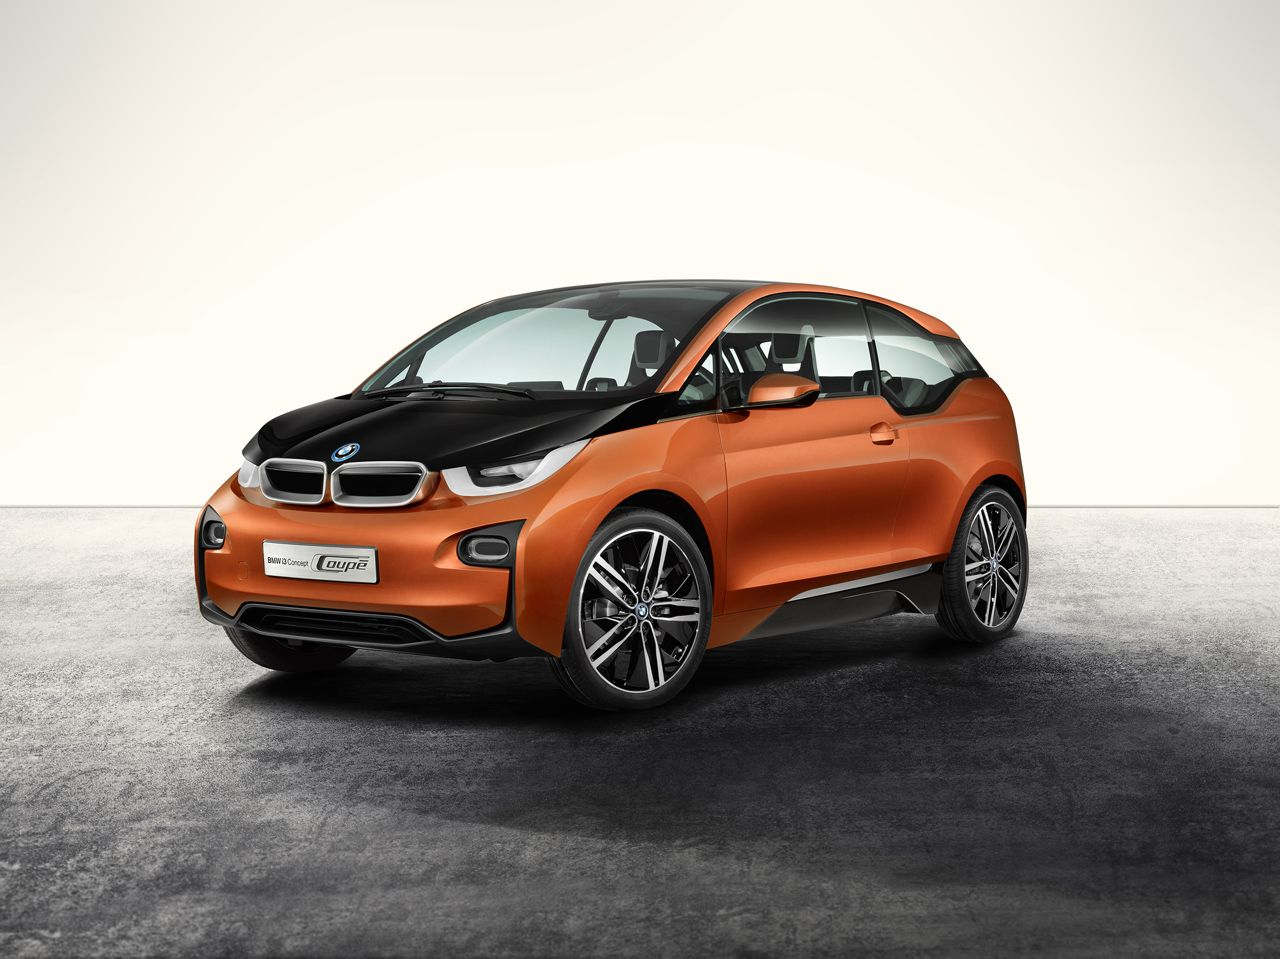 Conheça o i3, o primeiro carro elétrico da BMW: https://www.consorciodeautomoveis.com.br/noticias/bmw-lanca-carro-eletrico?idcampanha=296_source=Pinterest_medium=Perfil_campaign=redessociais